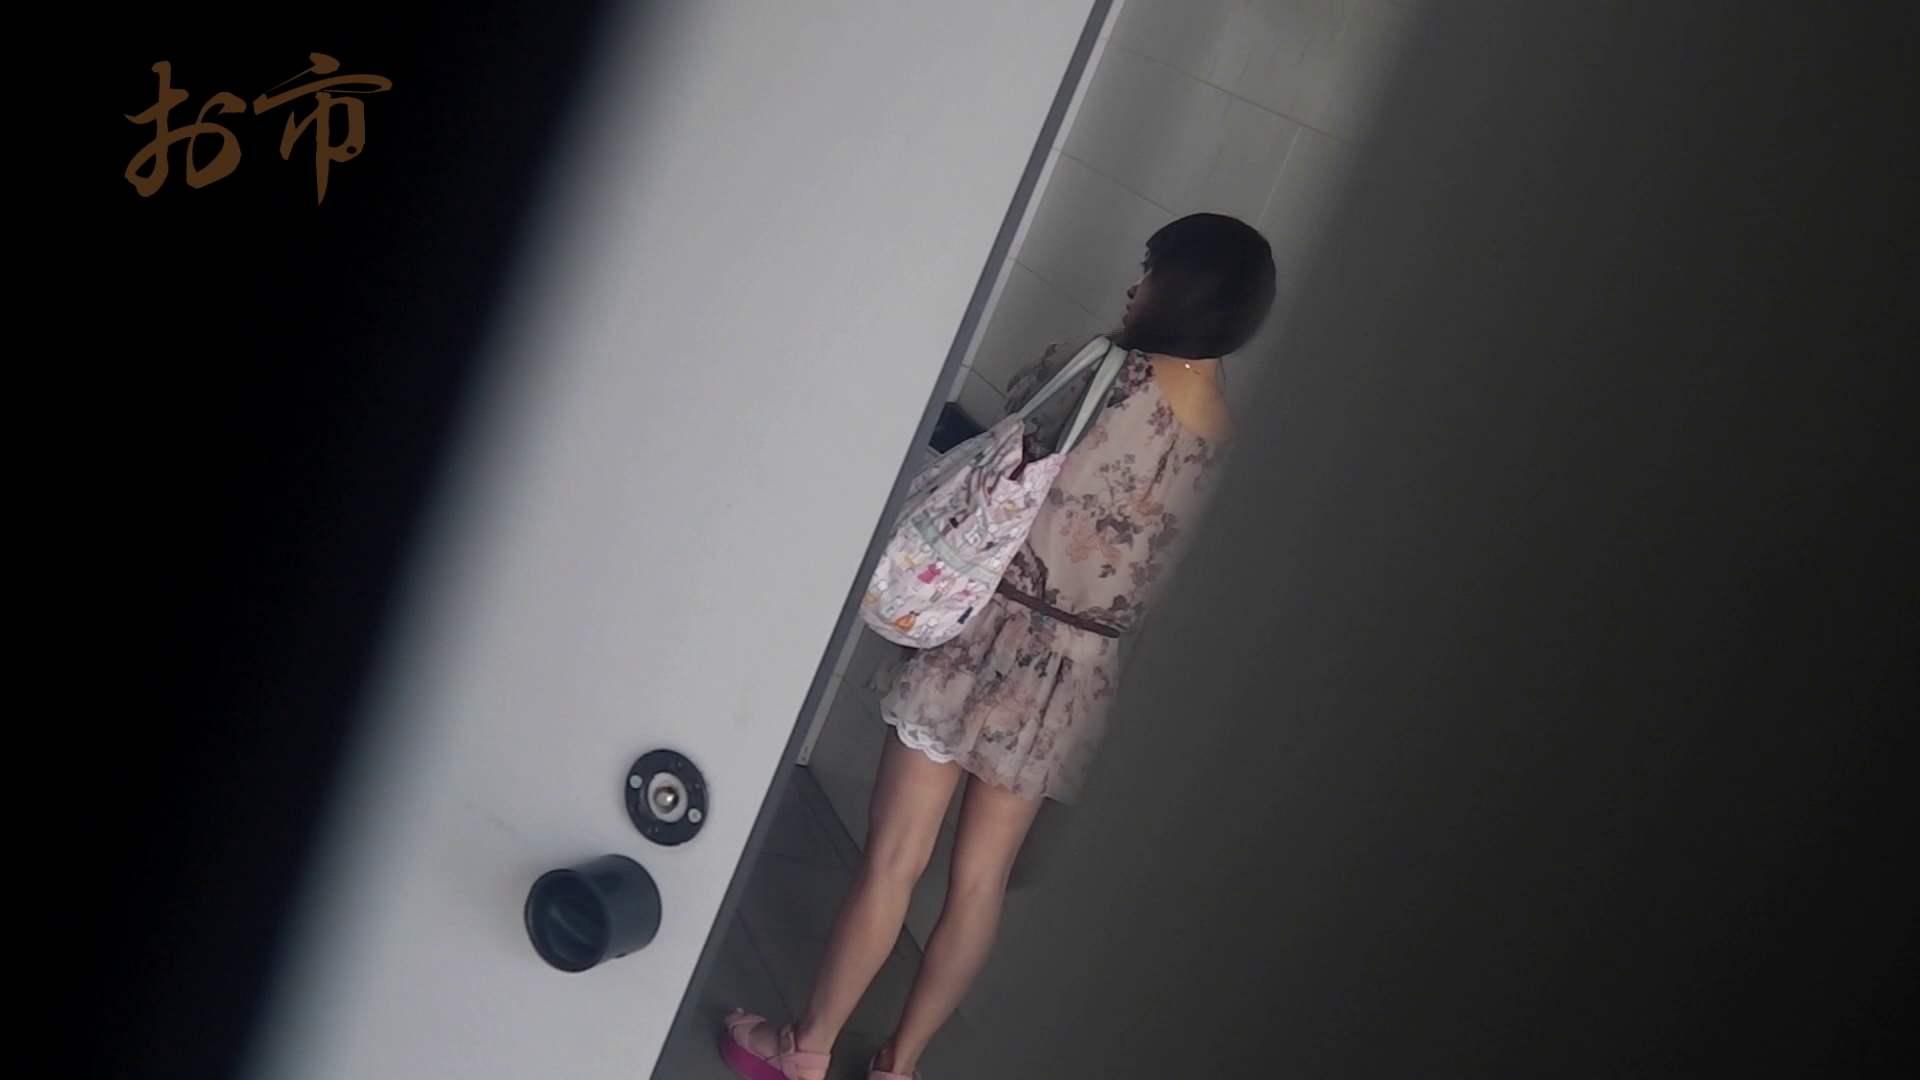 潜入!!台湾名門女学院 Vol.12 長身モデル驚き見たことないシチュエーション 盗撮  105PIX 18